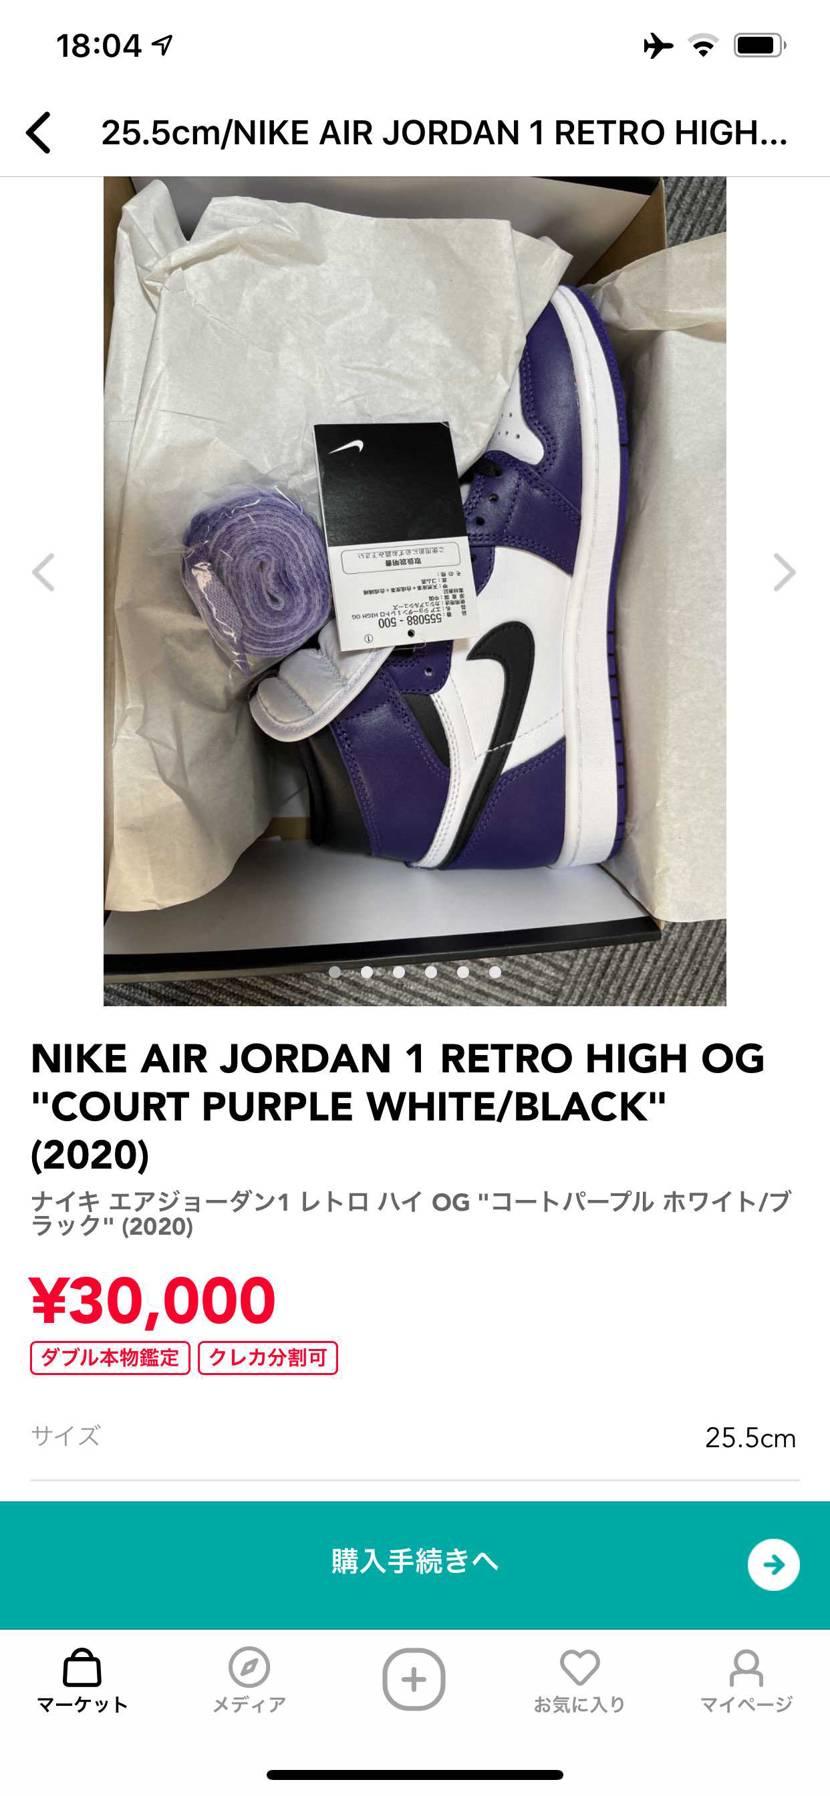 2万5千円 ほしいなあ